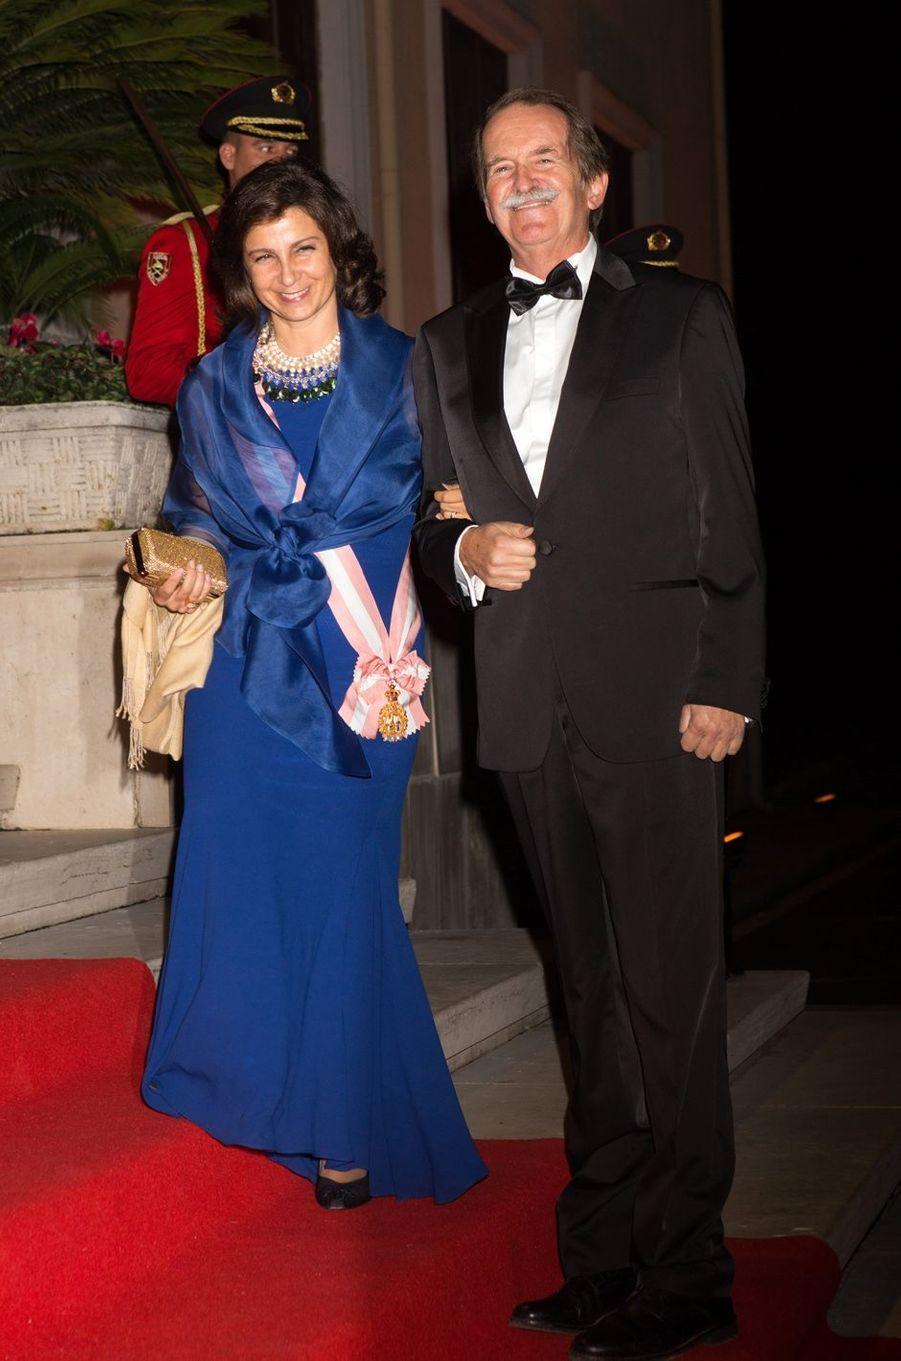 Le duc et de la duchesse de Bragance